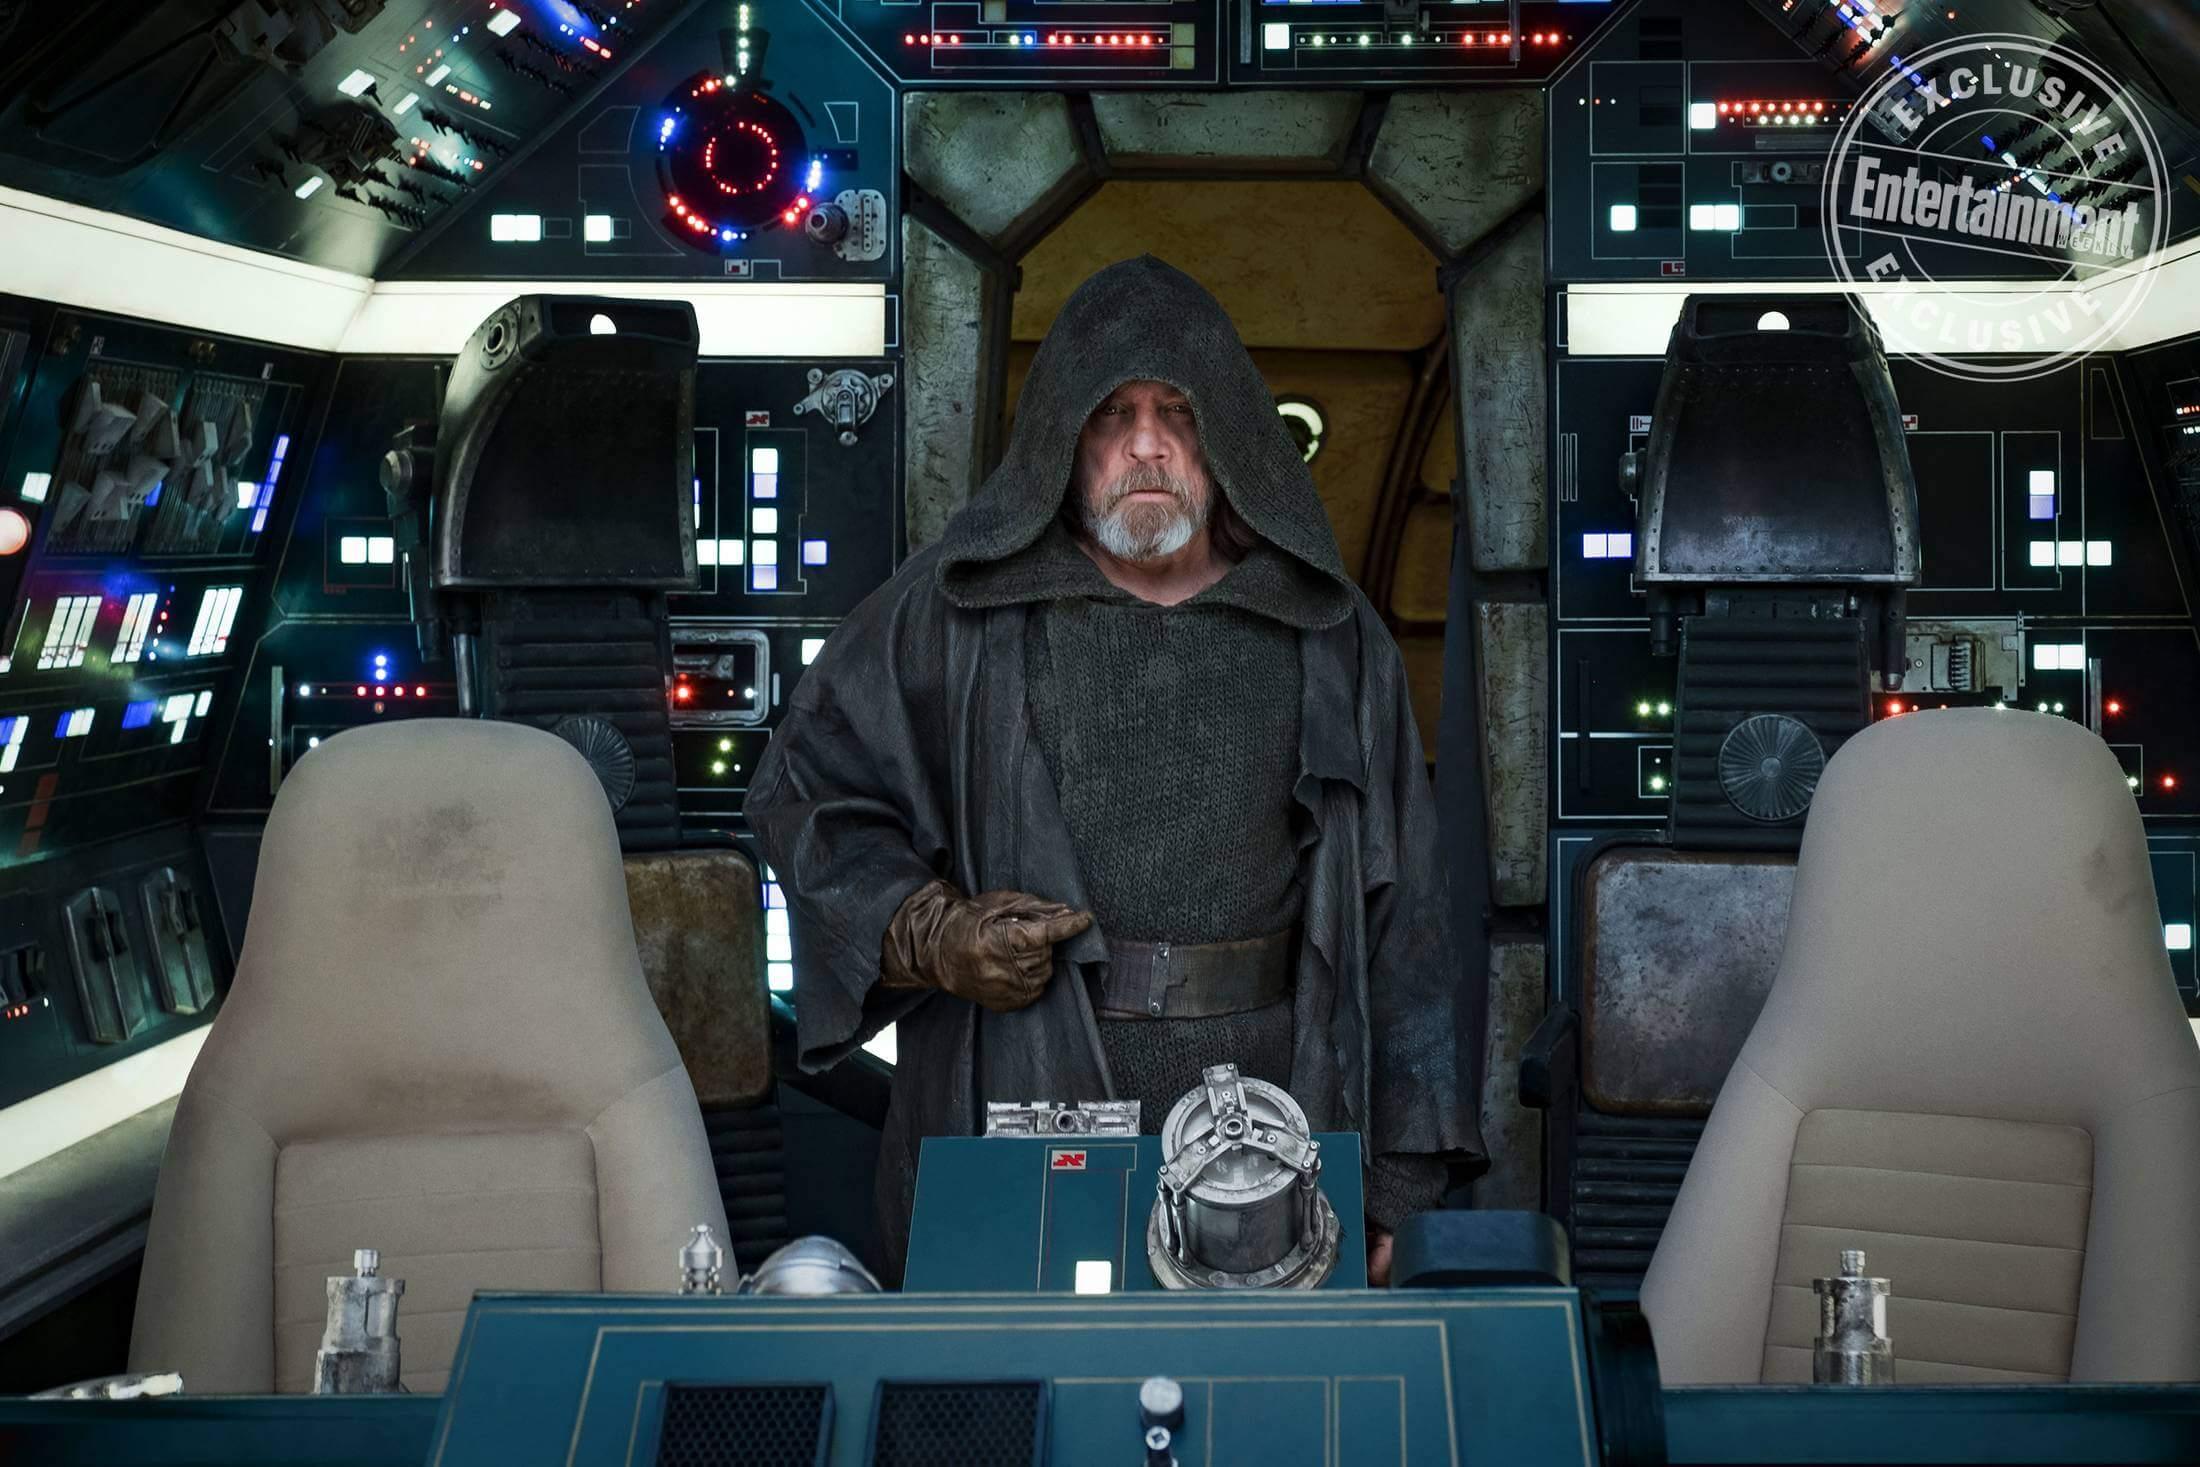 STAR WARS: THE LAST JEDI Mark Hamill is Luke Skywalker   Credit: David James/© 2017 Lucasfilm Ltd.